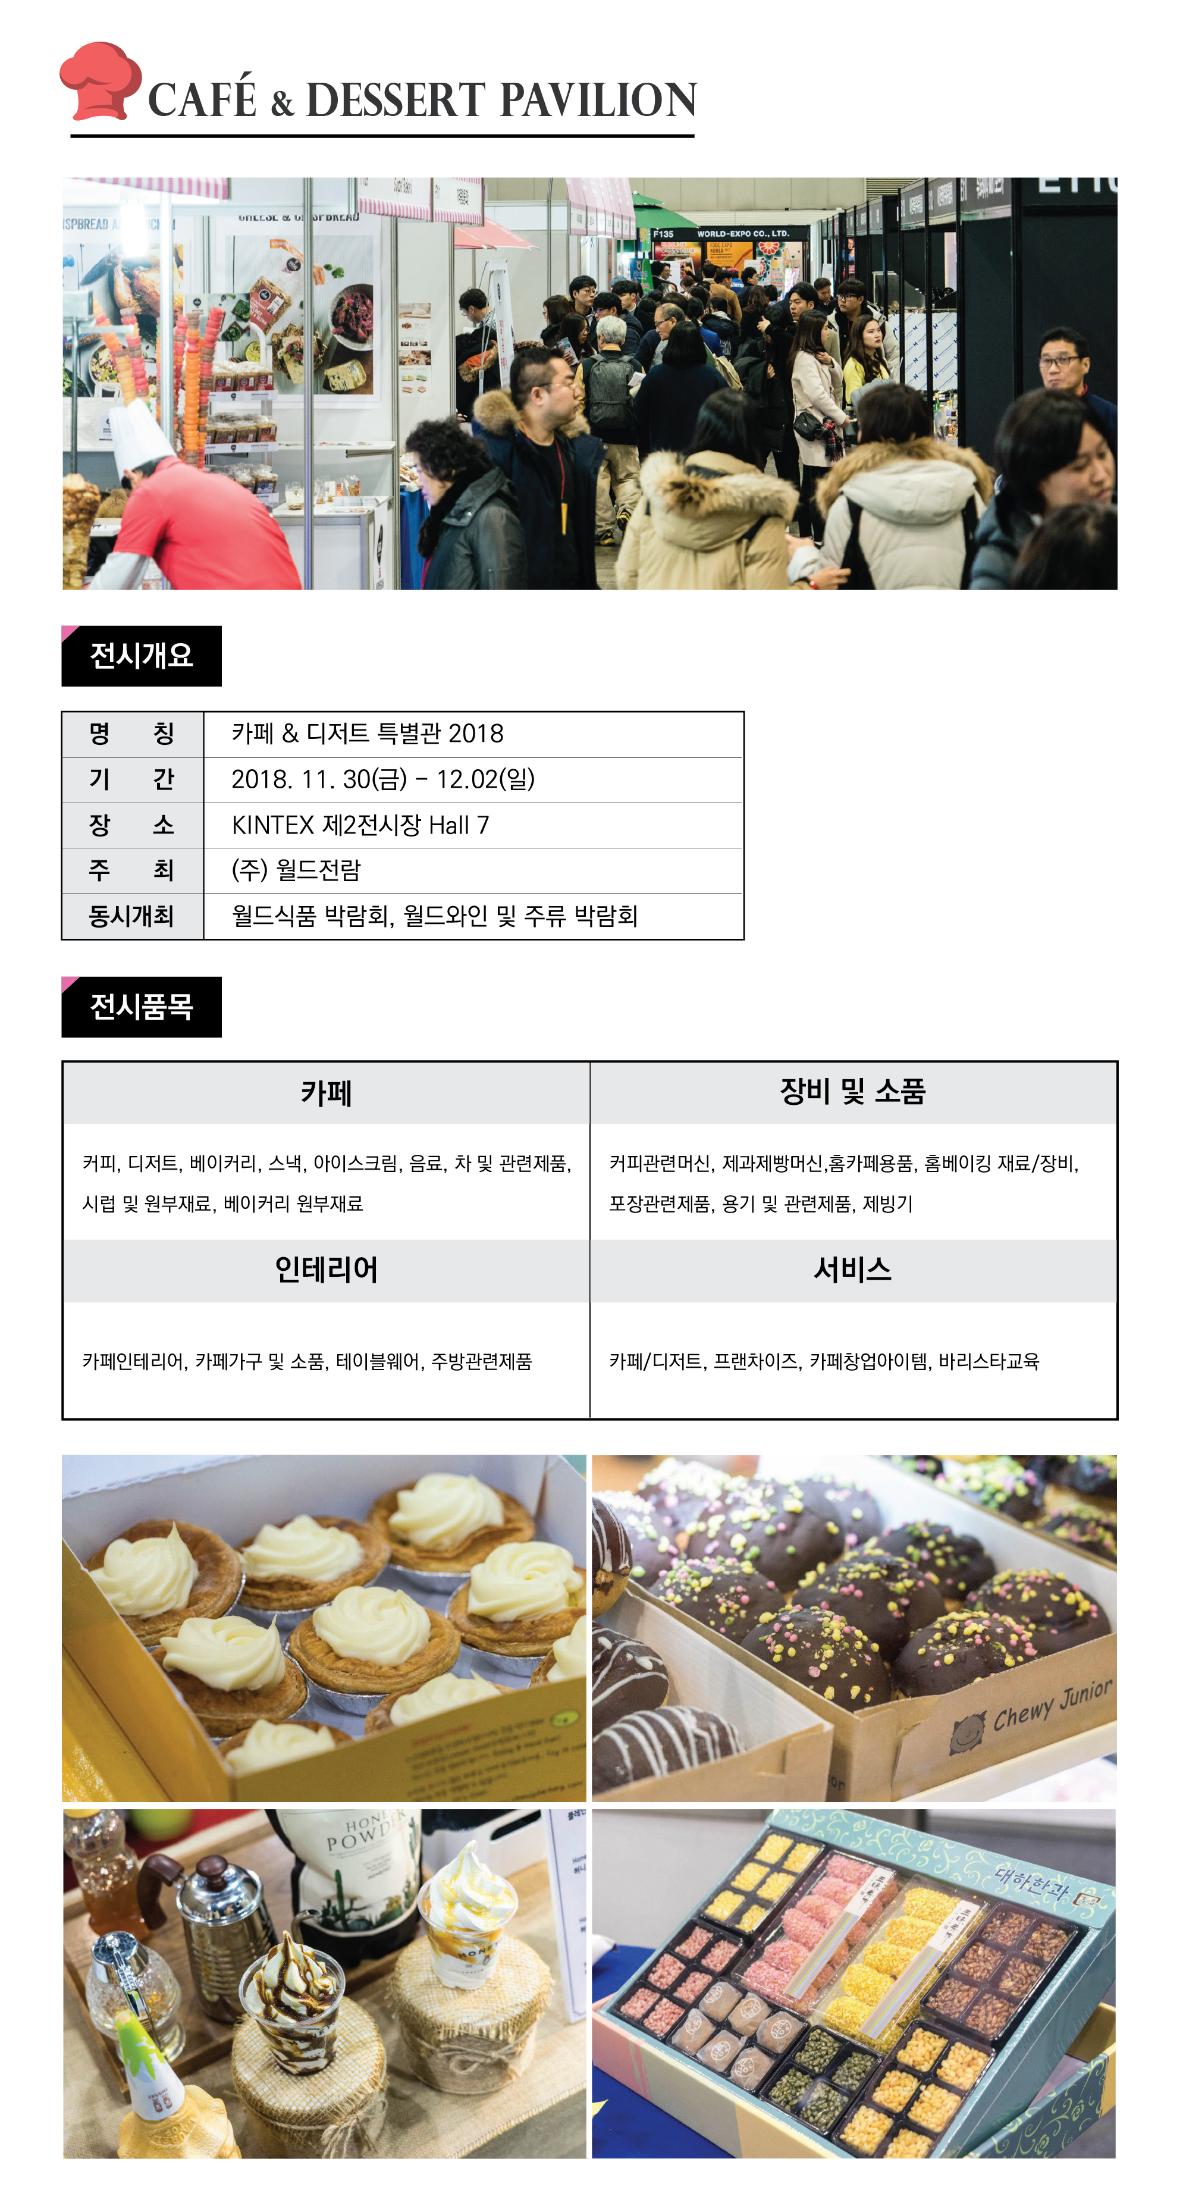 카페&디저트-특별관-부대행사1.png